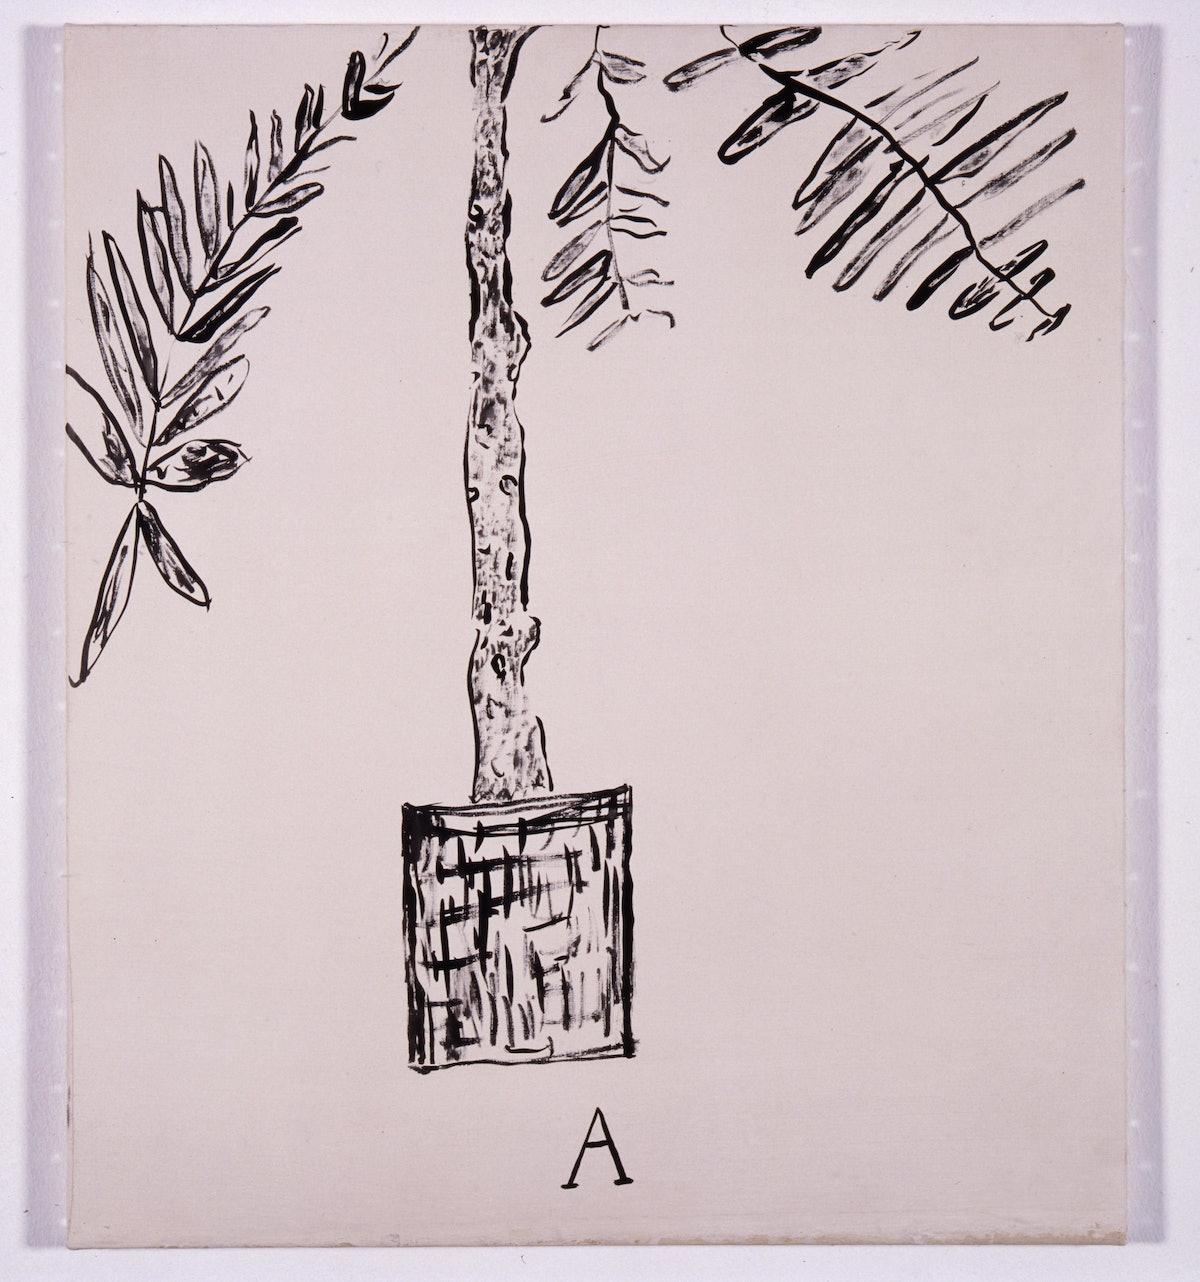 Palmier A encre de chine sur toile 69x61cm 1974.jpg